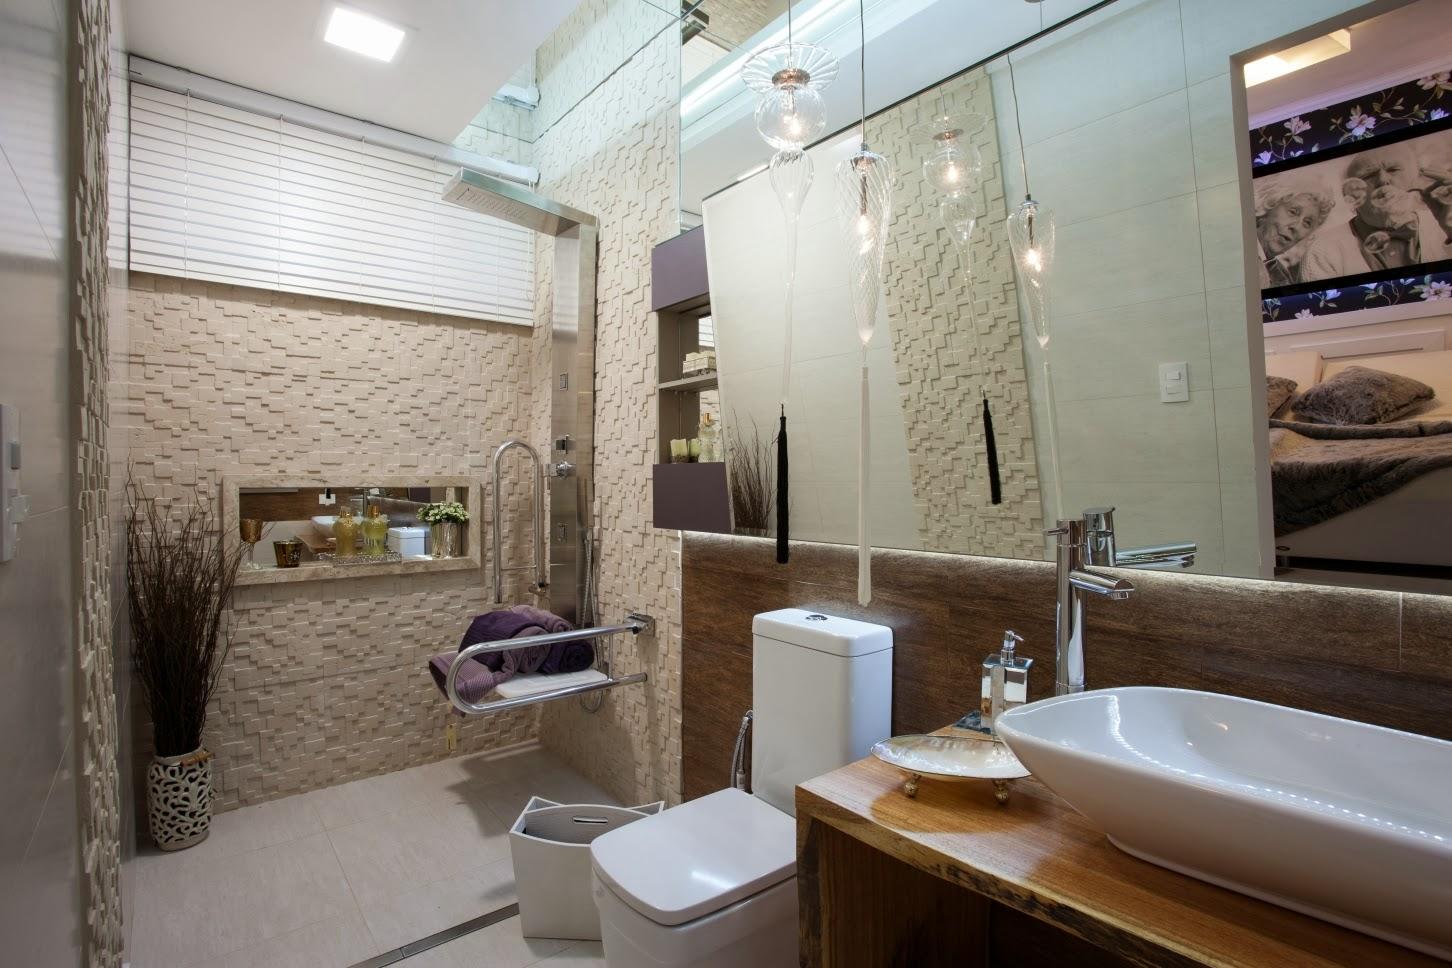 Mostra Casa.com 2013 homenageia vencedores do concurso Profissio  #37281F 1452 968